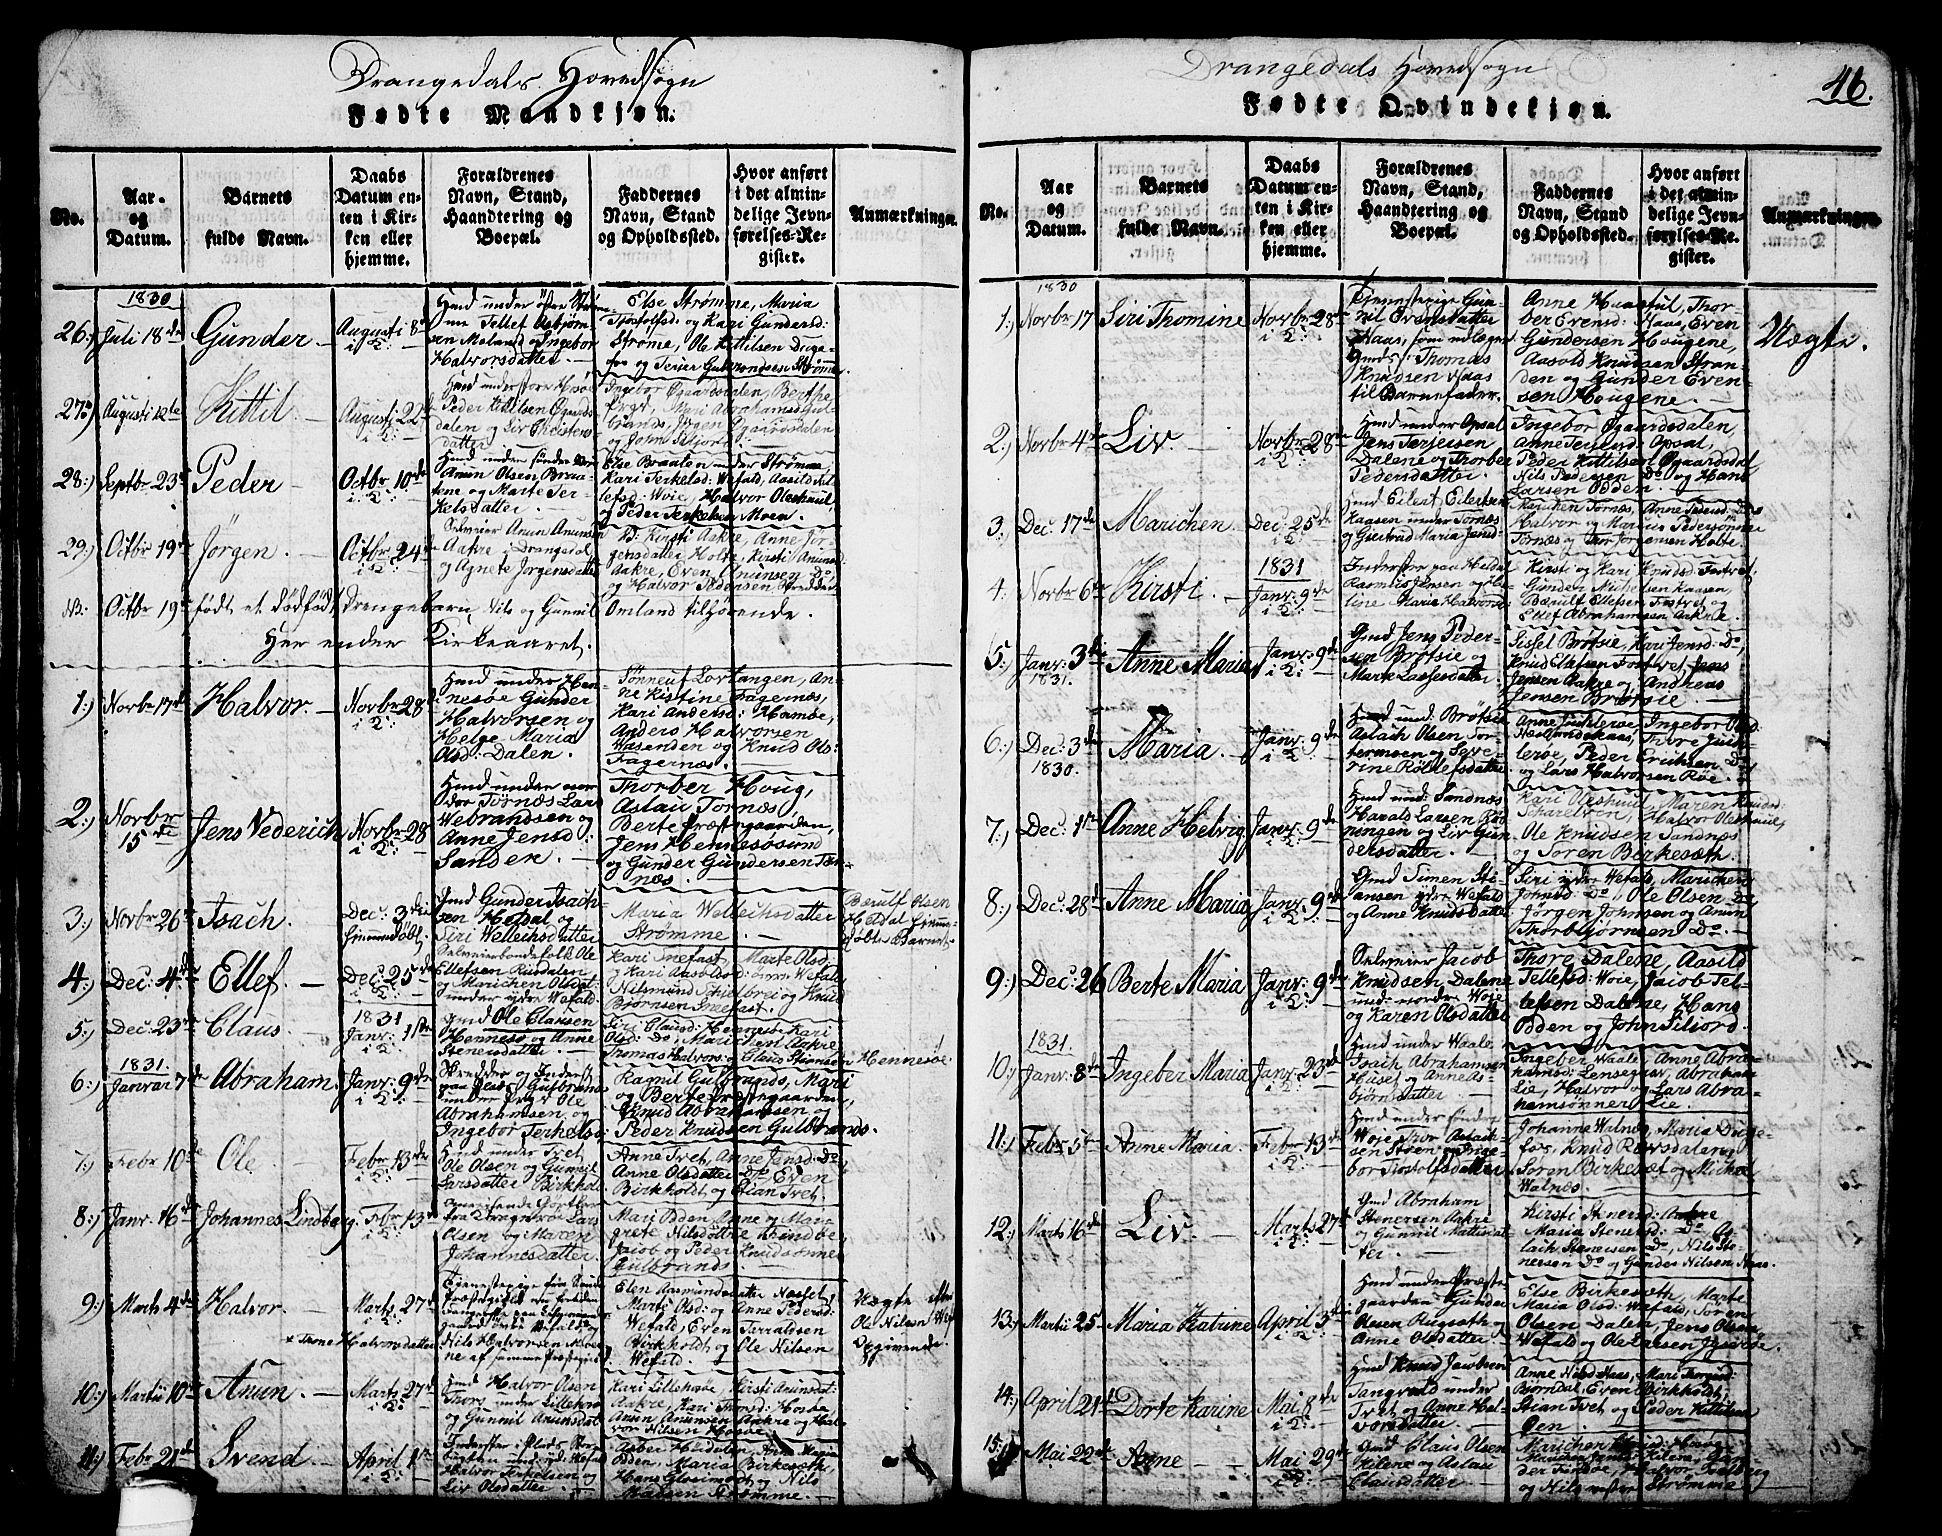 SAKO, Drangedal kirkebøker, G/Ga/L0001: Klokkerbok nr. I 1 /1, 1814-1856, s. 46